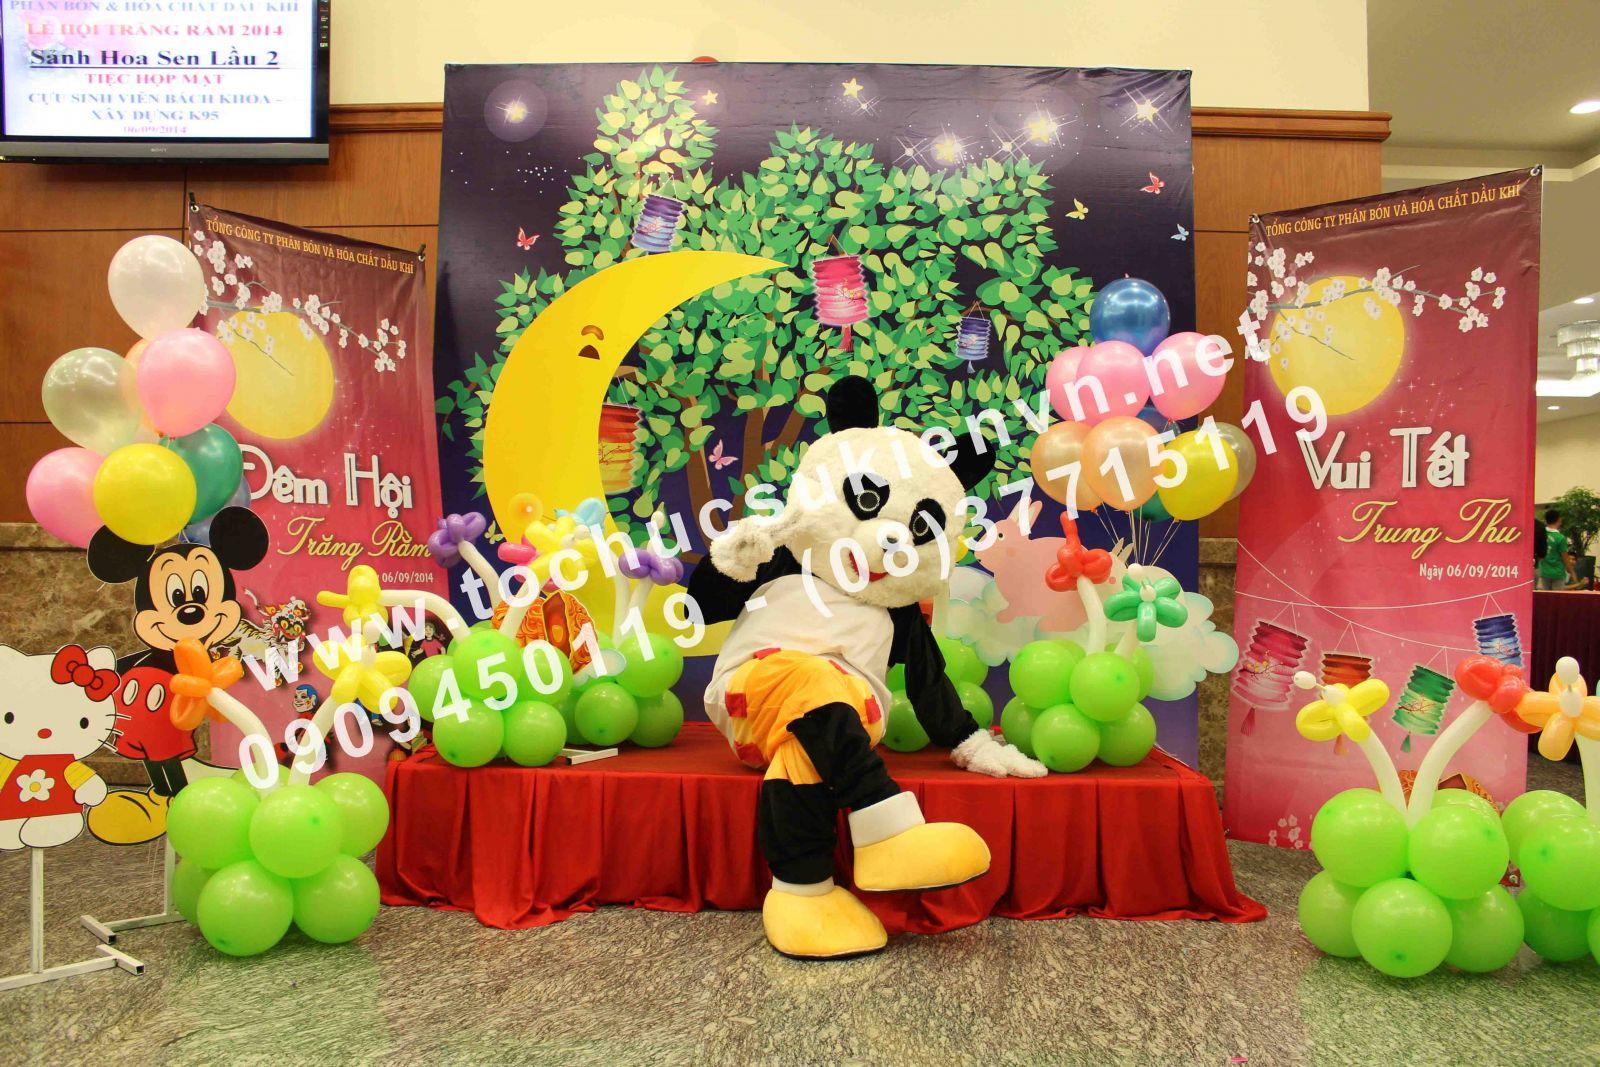 Cho thuê mascot gấu pooh, chuột micky Ngàn Thông 5